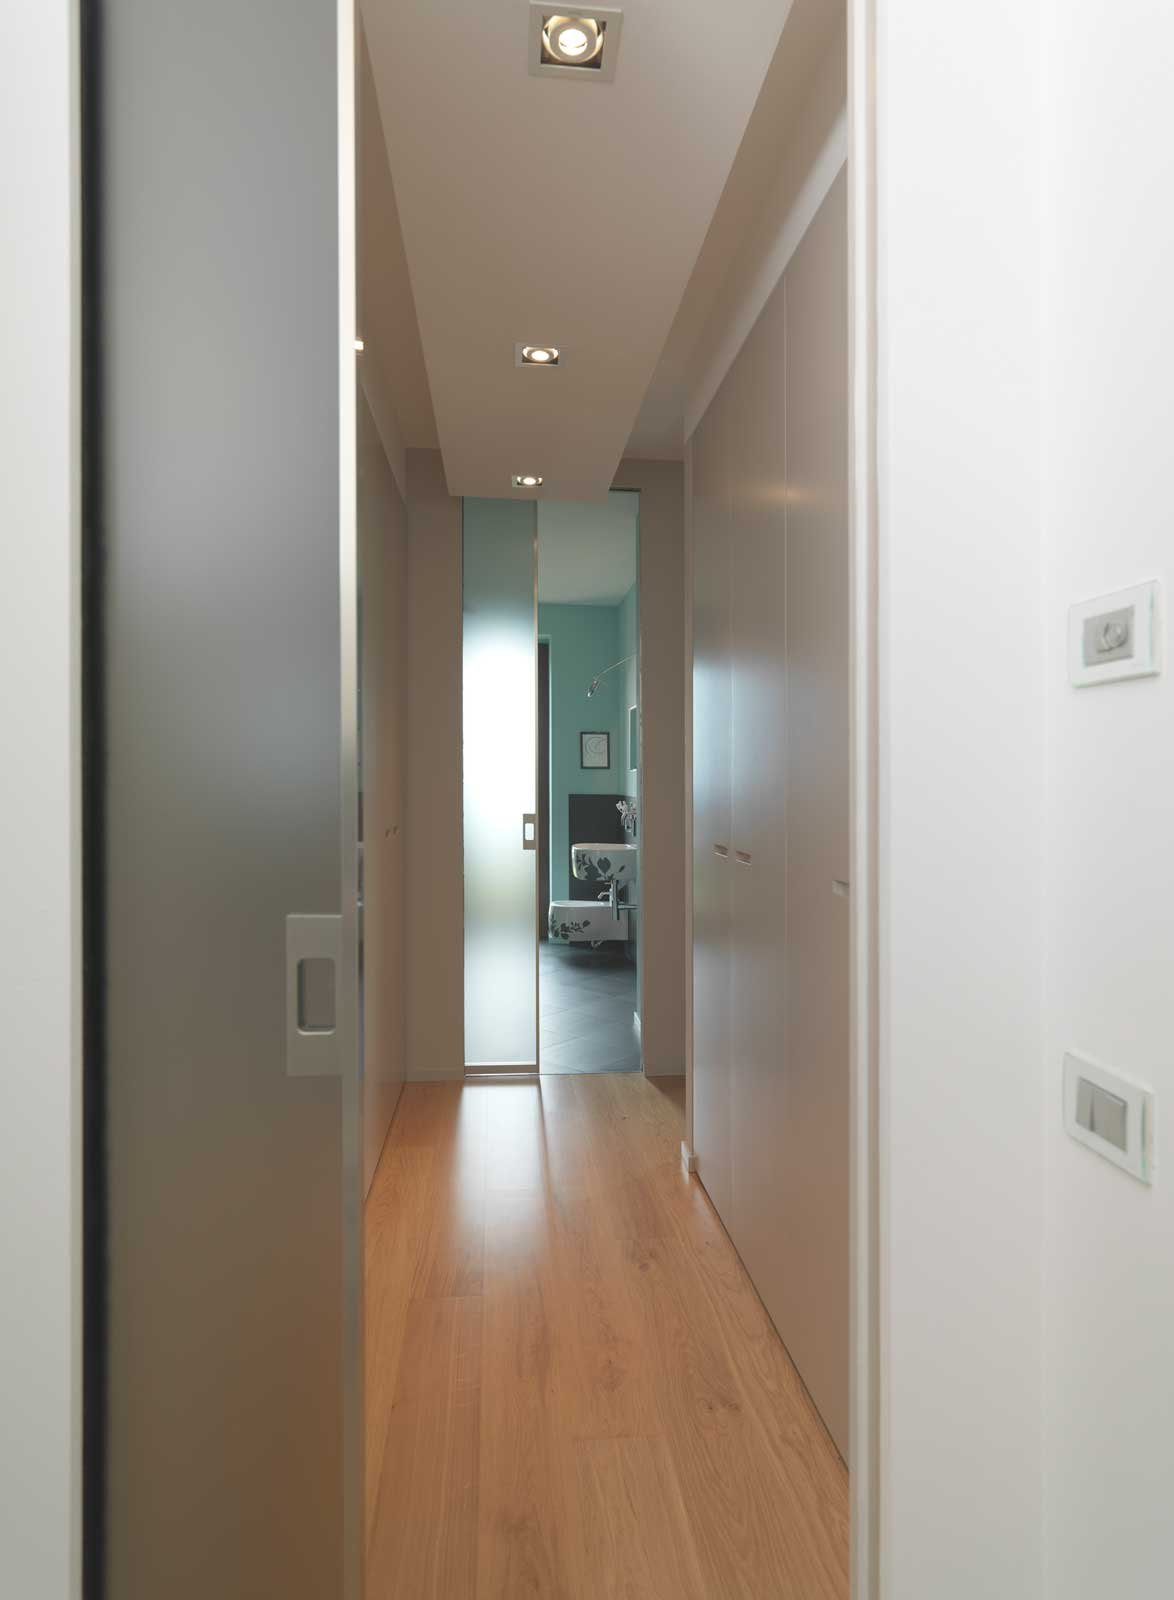 Come scegliere la porta scorrevole per il bagno cose di casa - Verniciare finestre alluminio ...